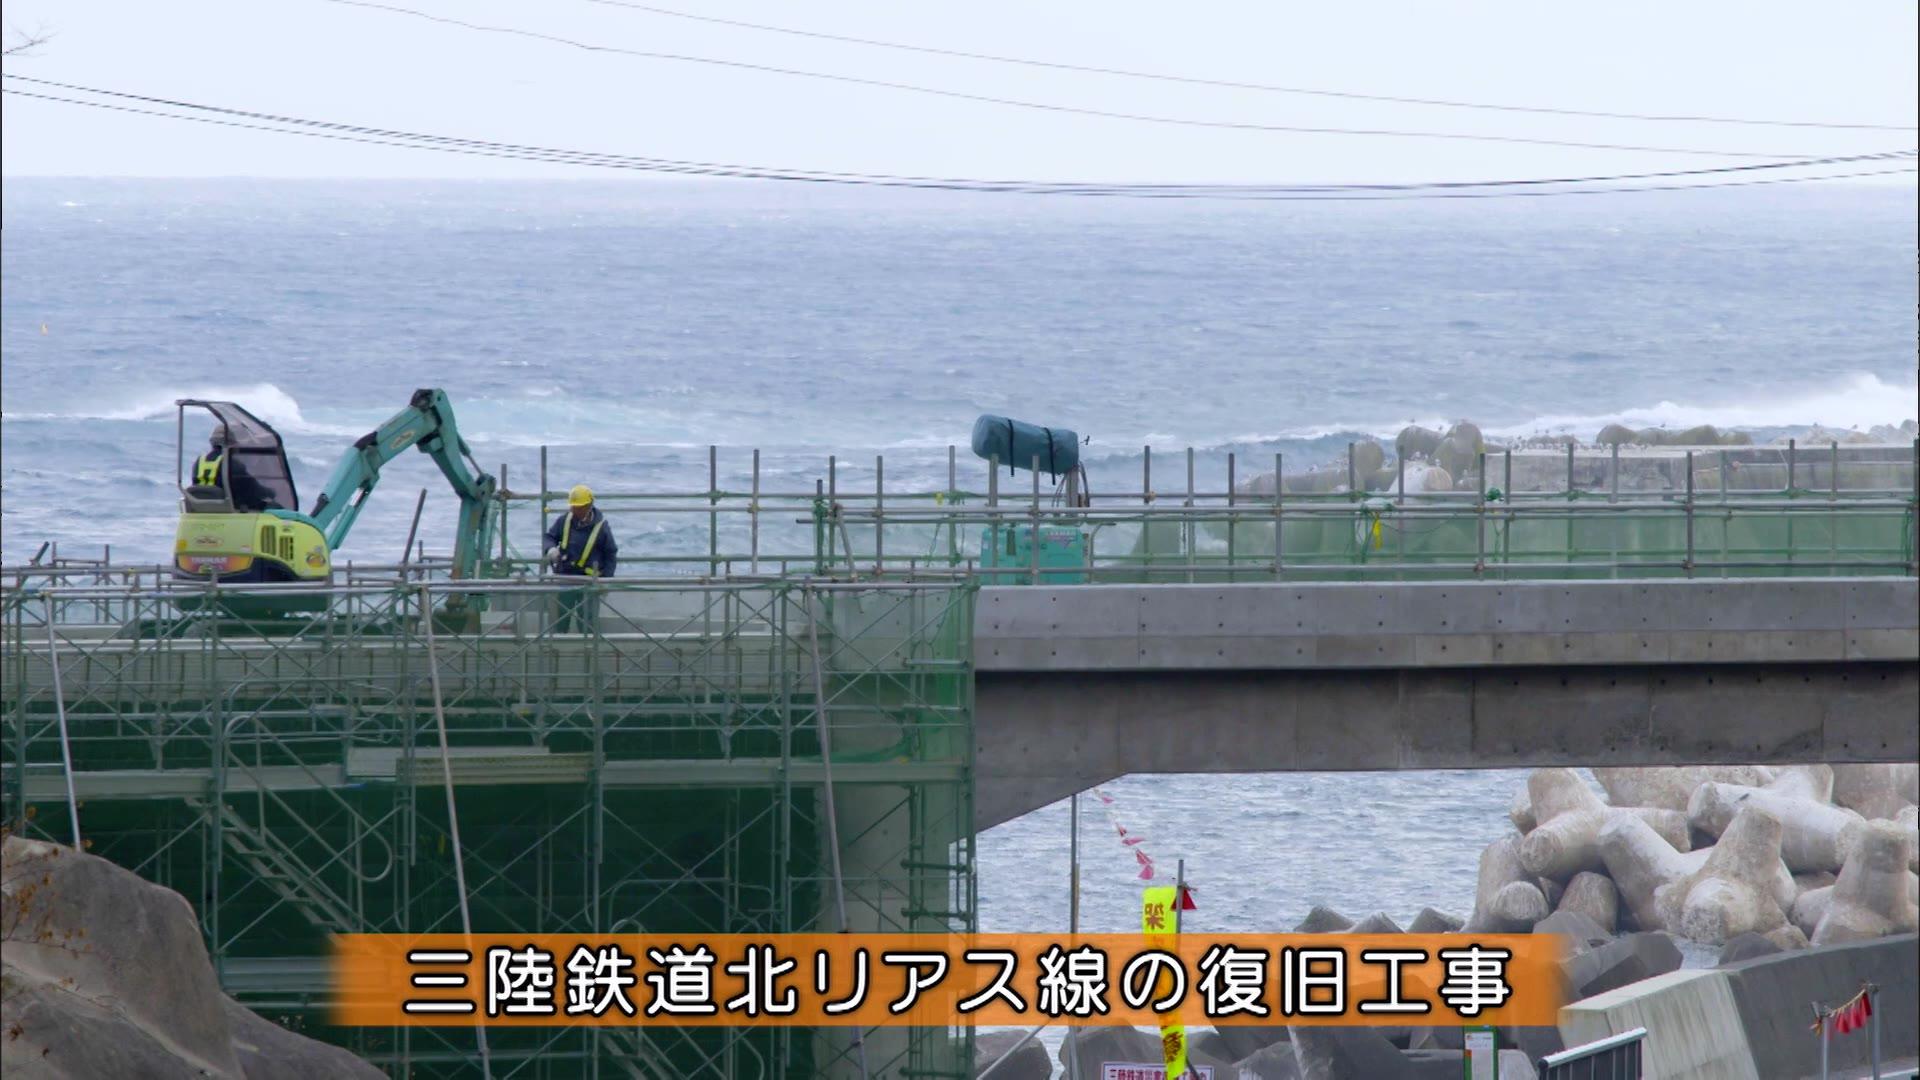 Railway Story Episode 1: Indomitable Fukushima